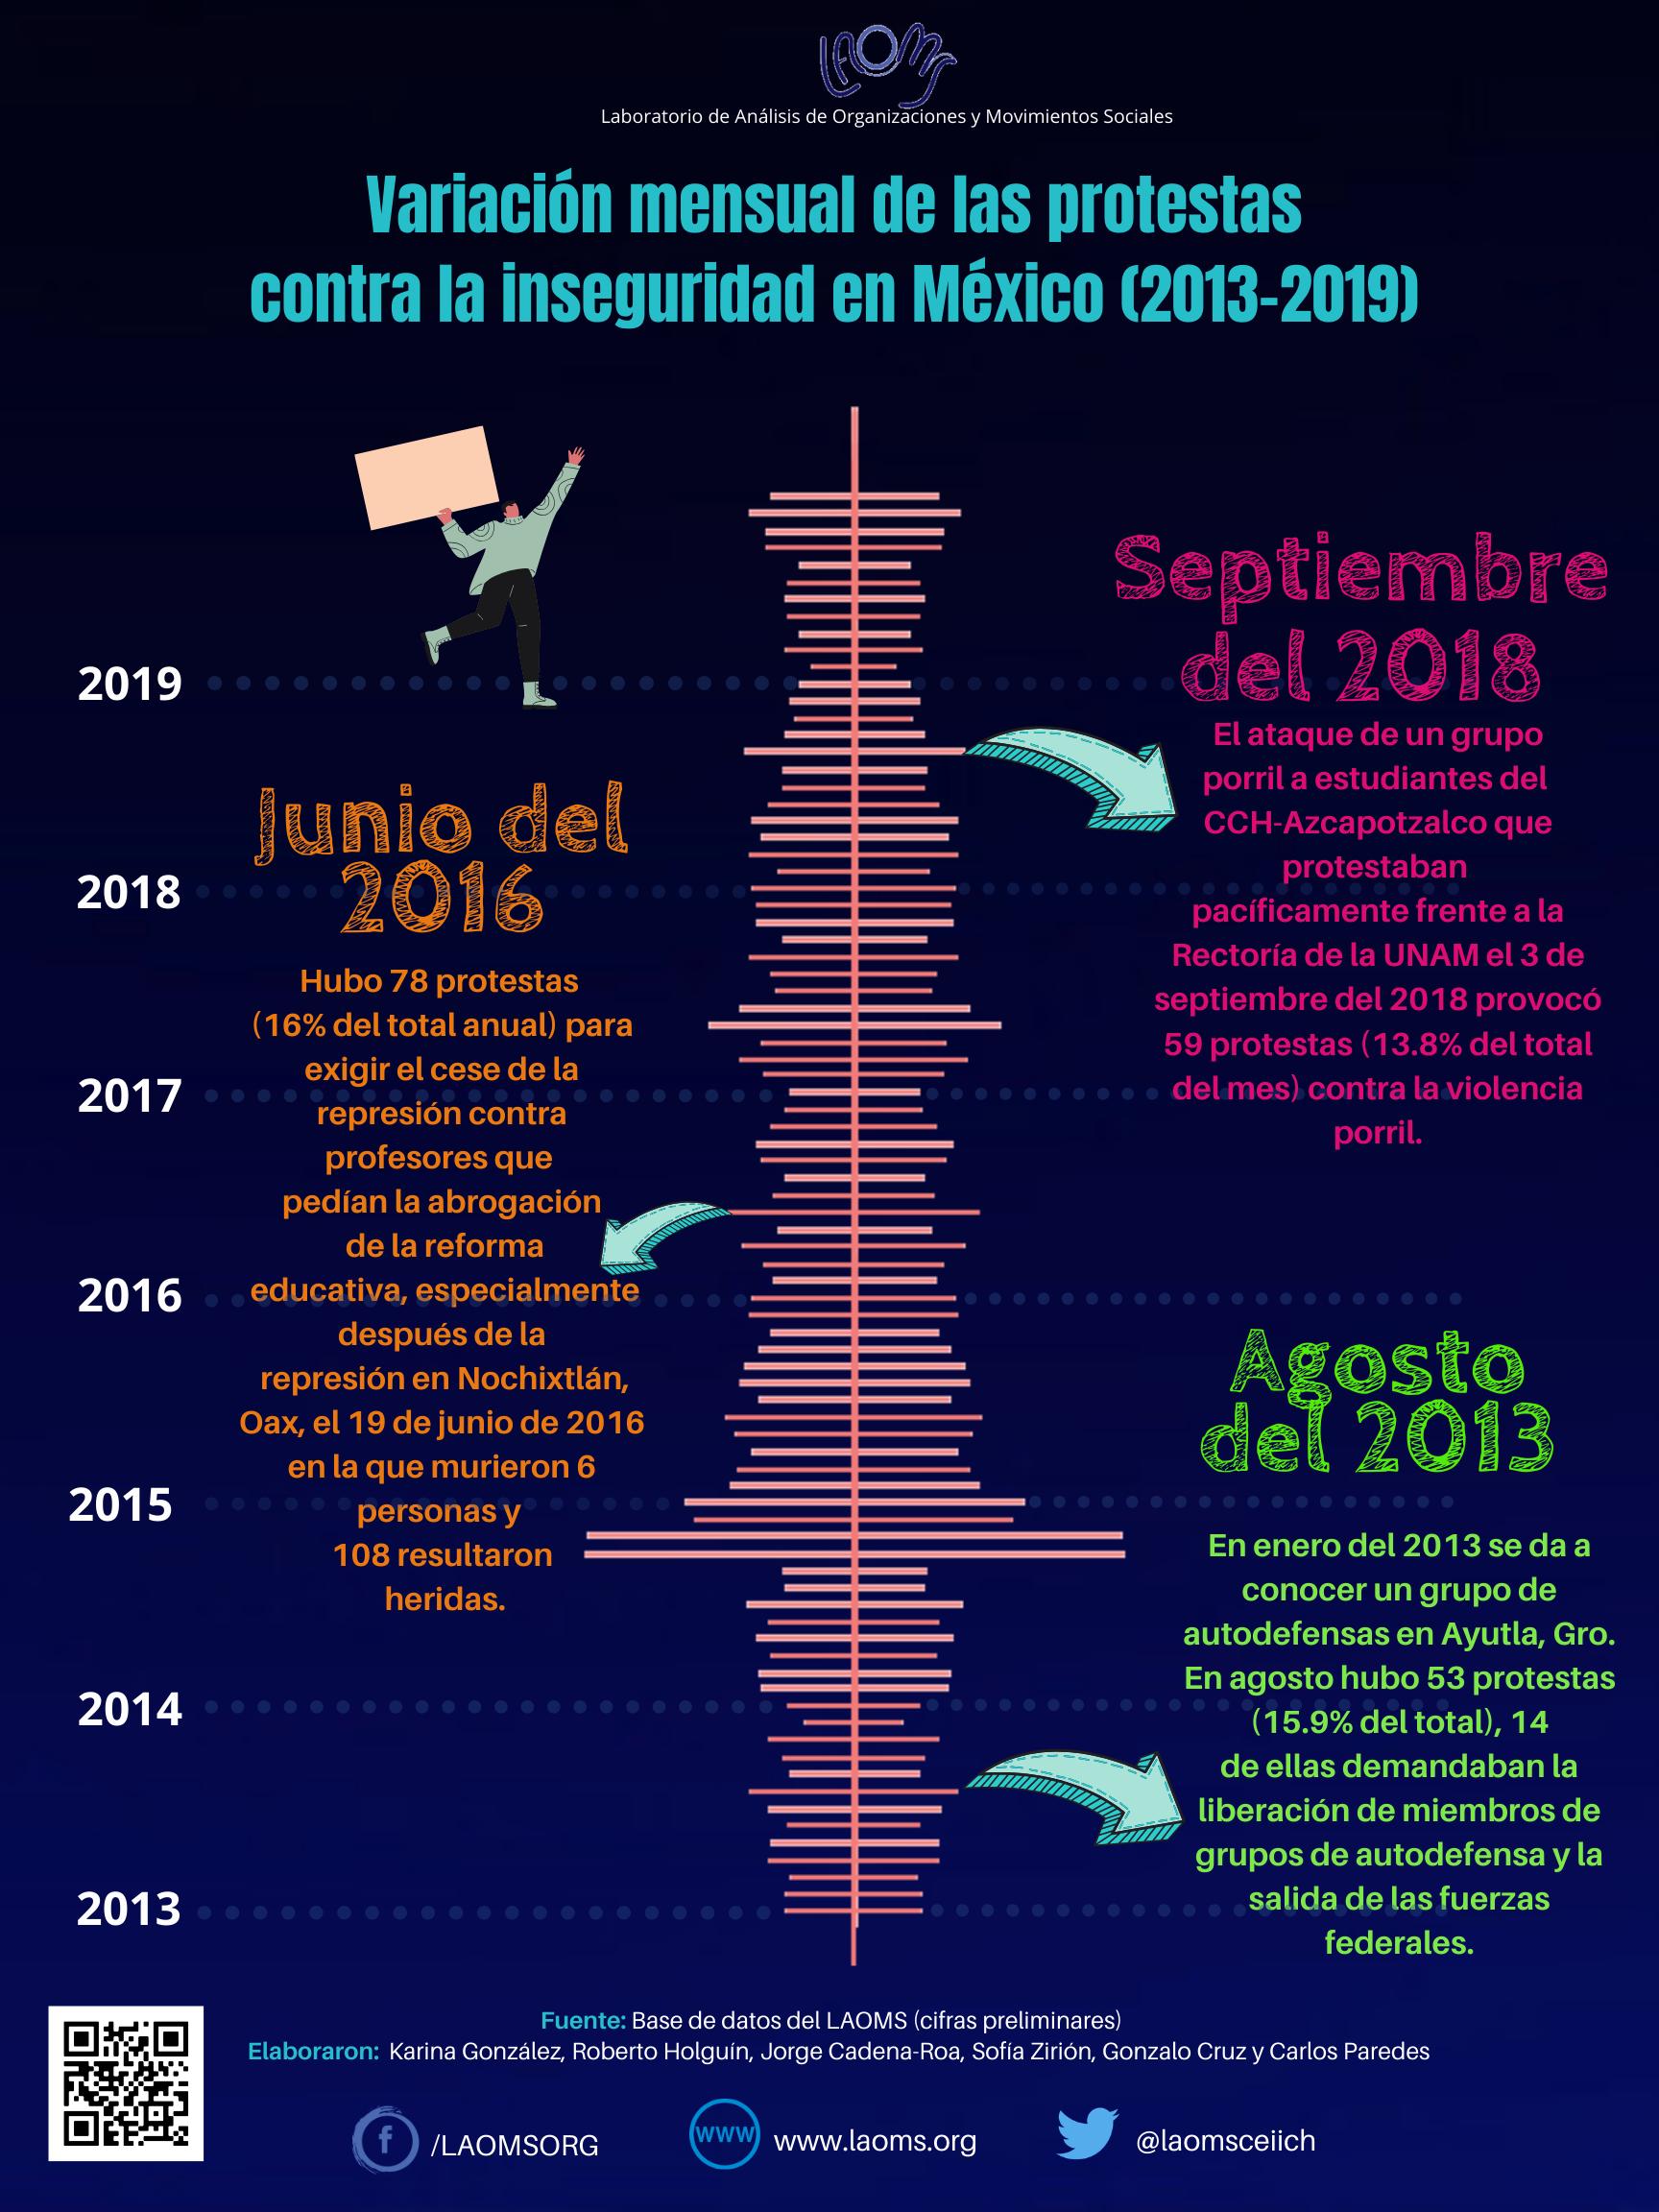 Variación mensual de las protestas contra la inseguridad en México